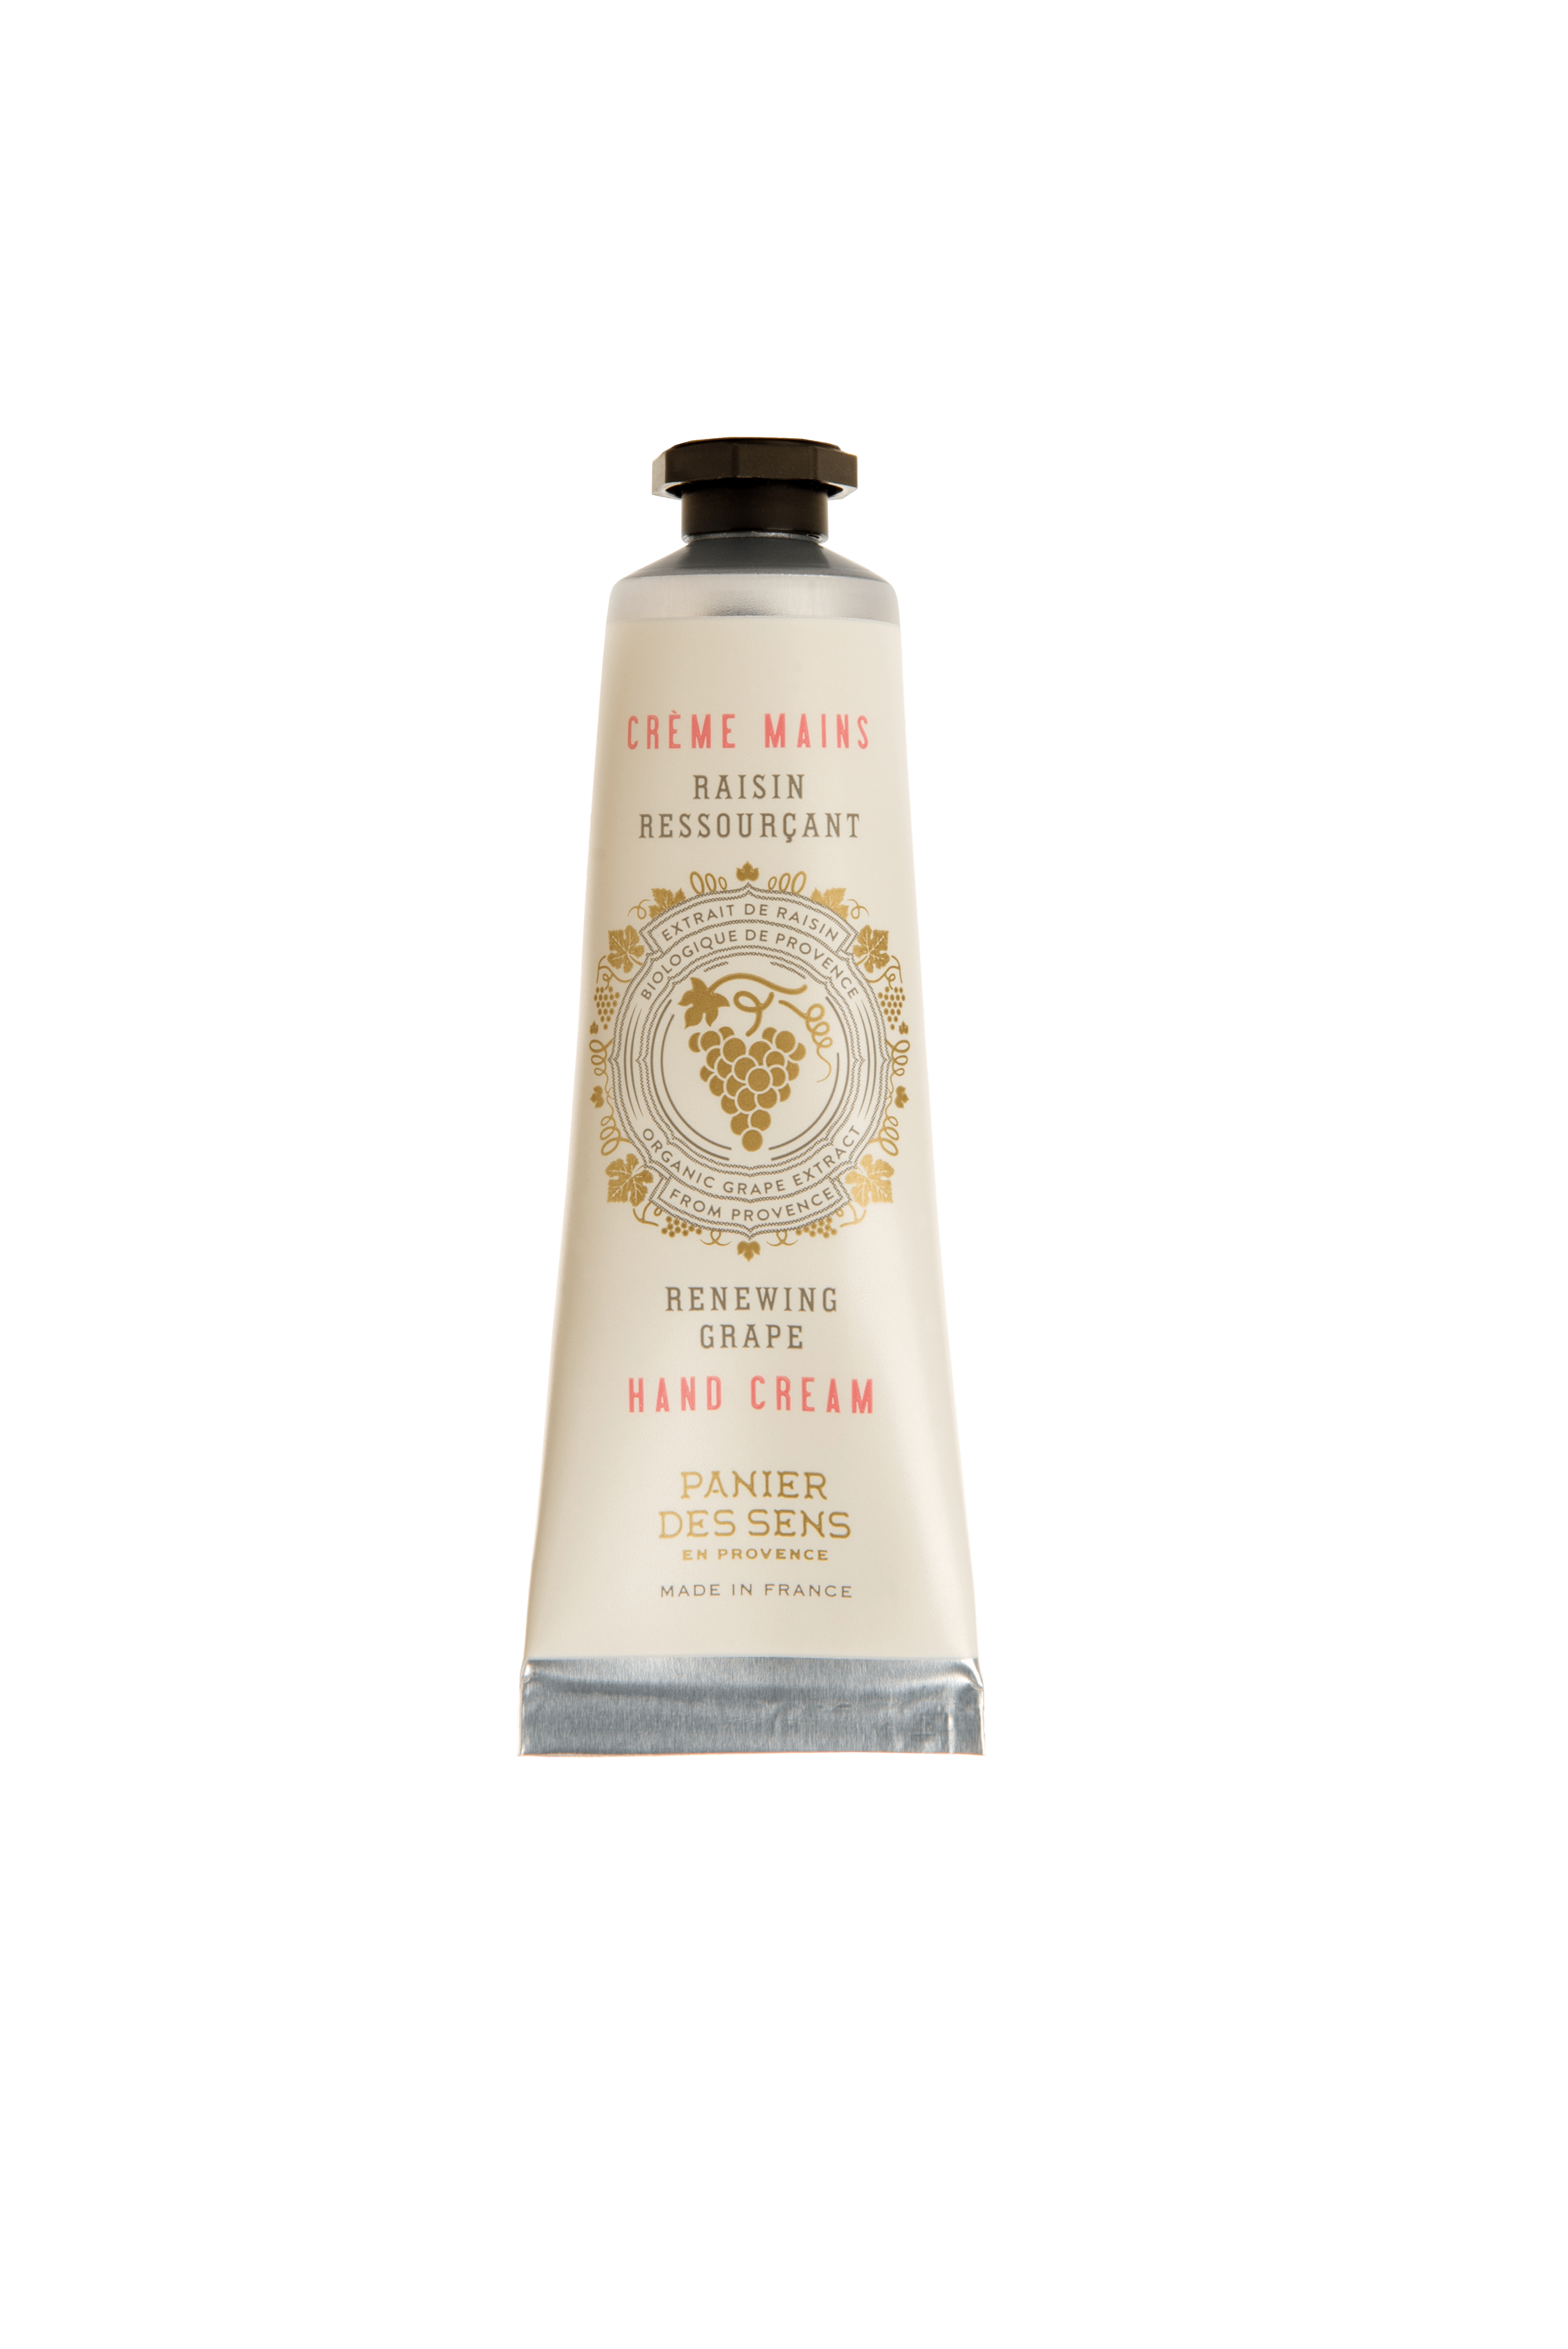 Crème MainsRaisin Ressourçant (30ml) - Panier des sens